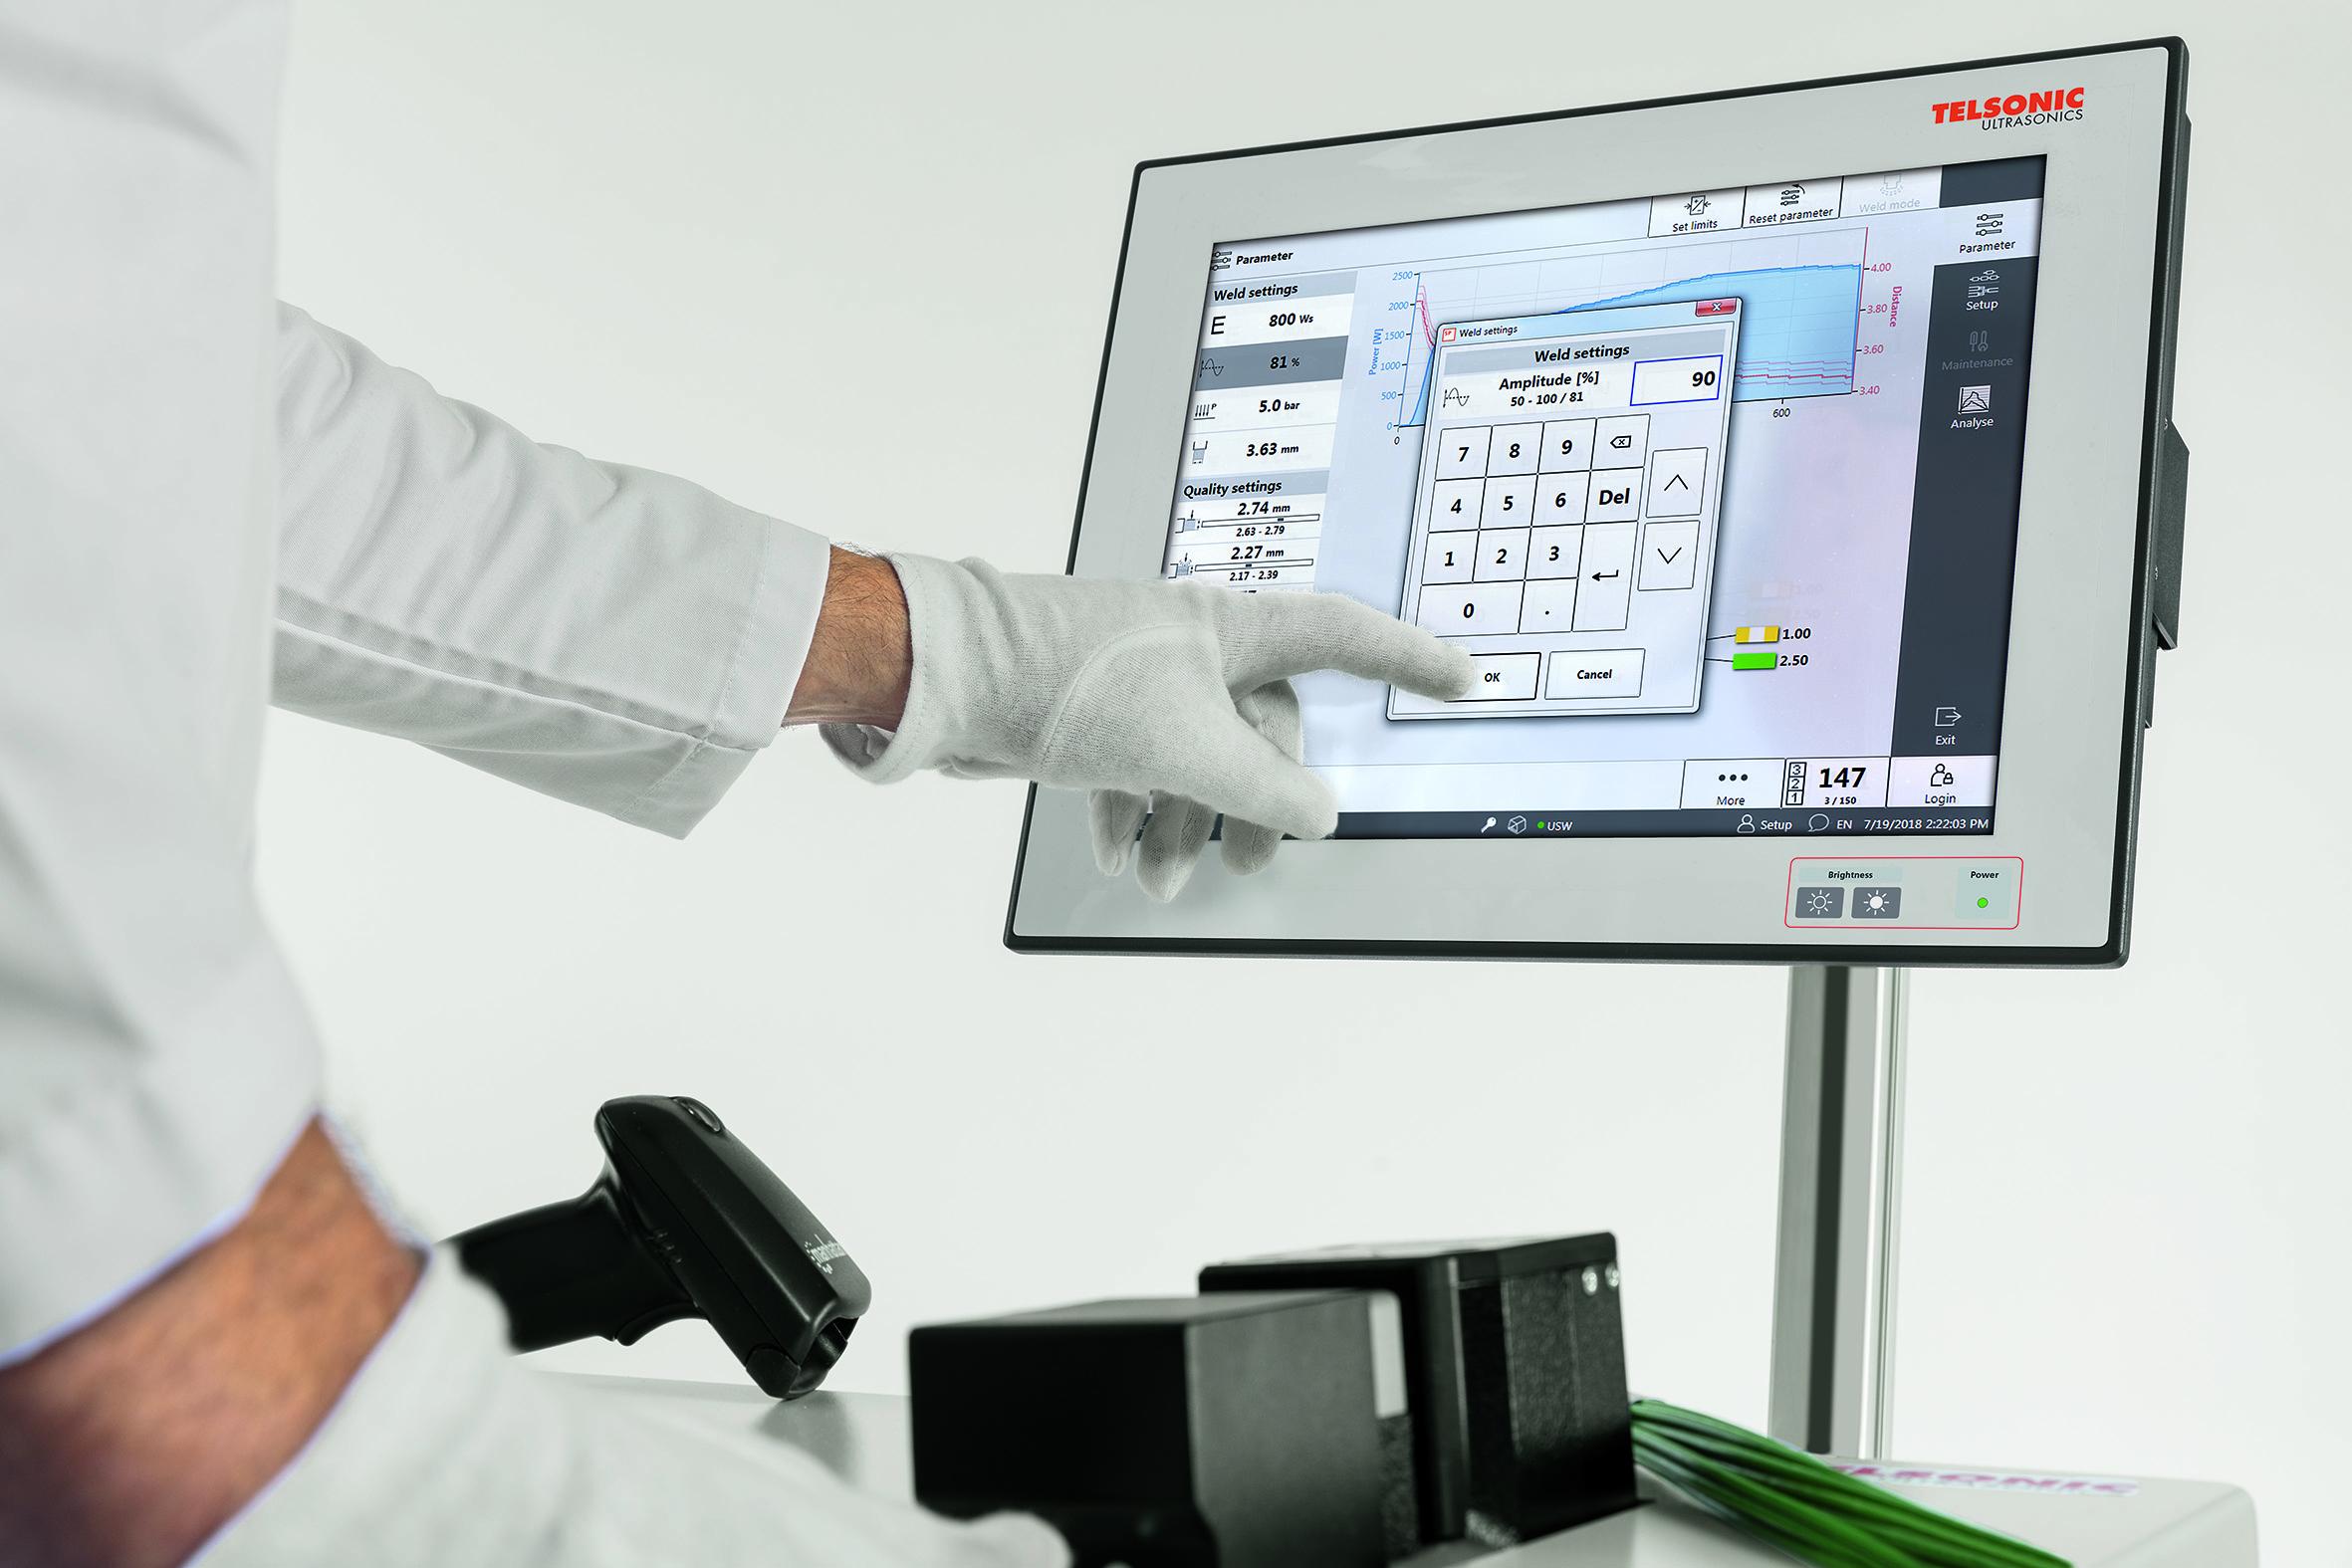 Die Steuerungs- und Bediensoftware TelsoSplice V4 bietet zukunftssichere Integrations- und Vernetzungsmöglichkeiten und lässt sich intuitiv bedienen. Bild: Telsonic